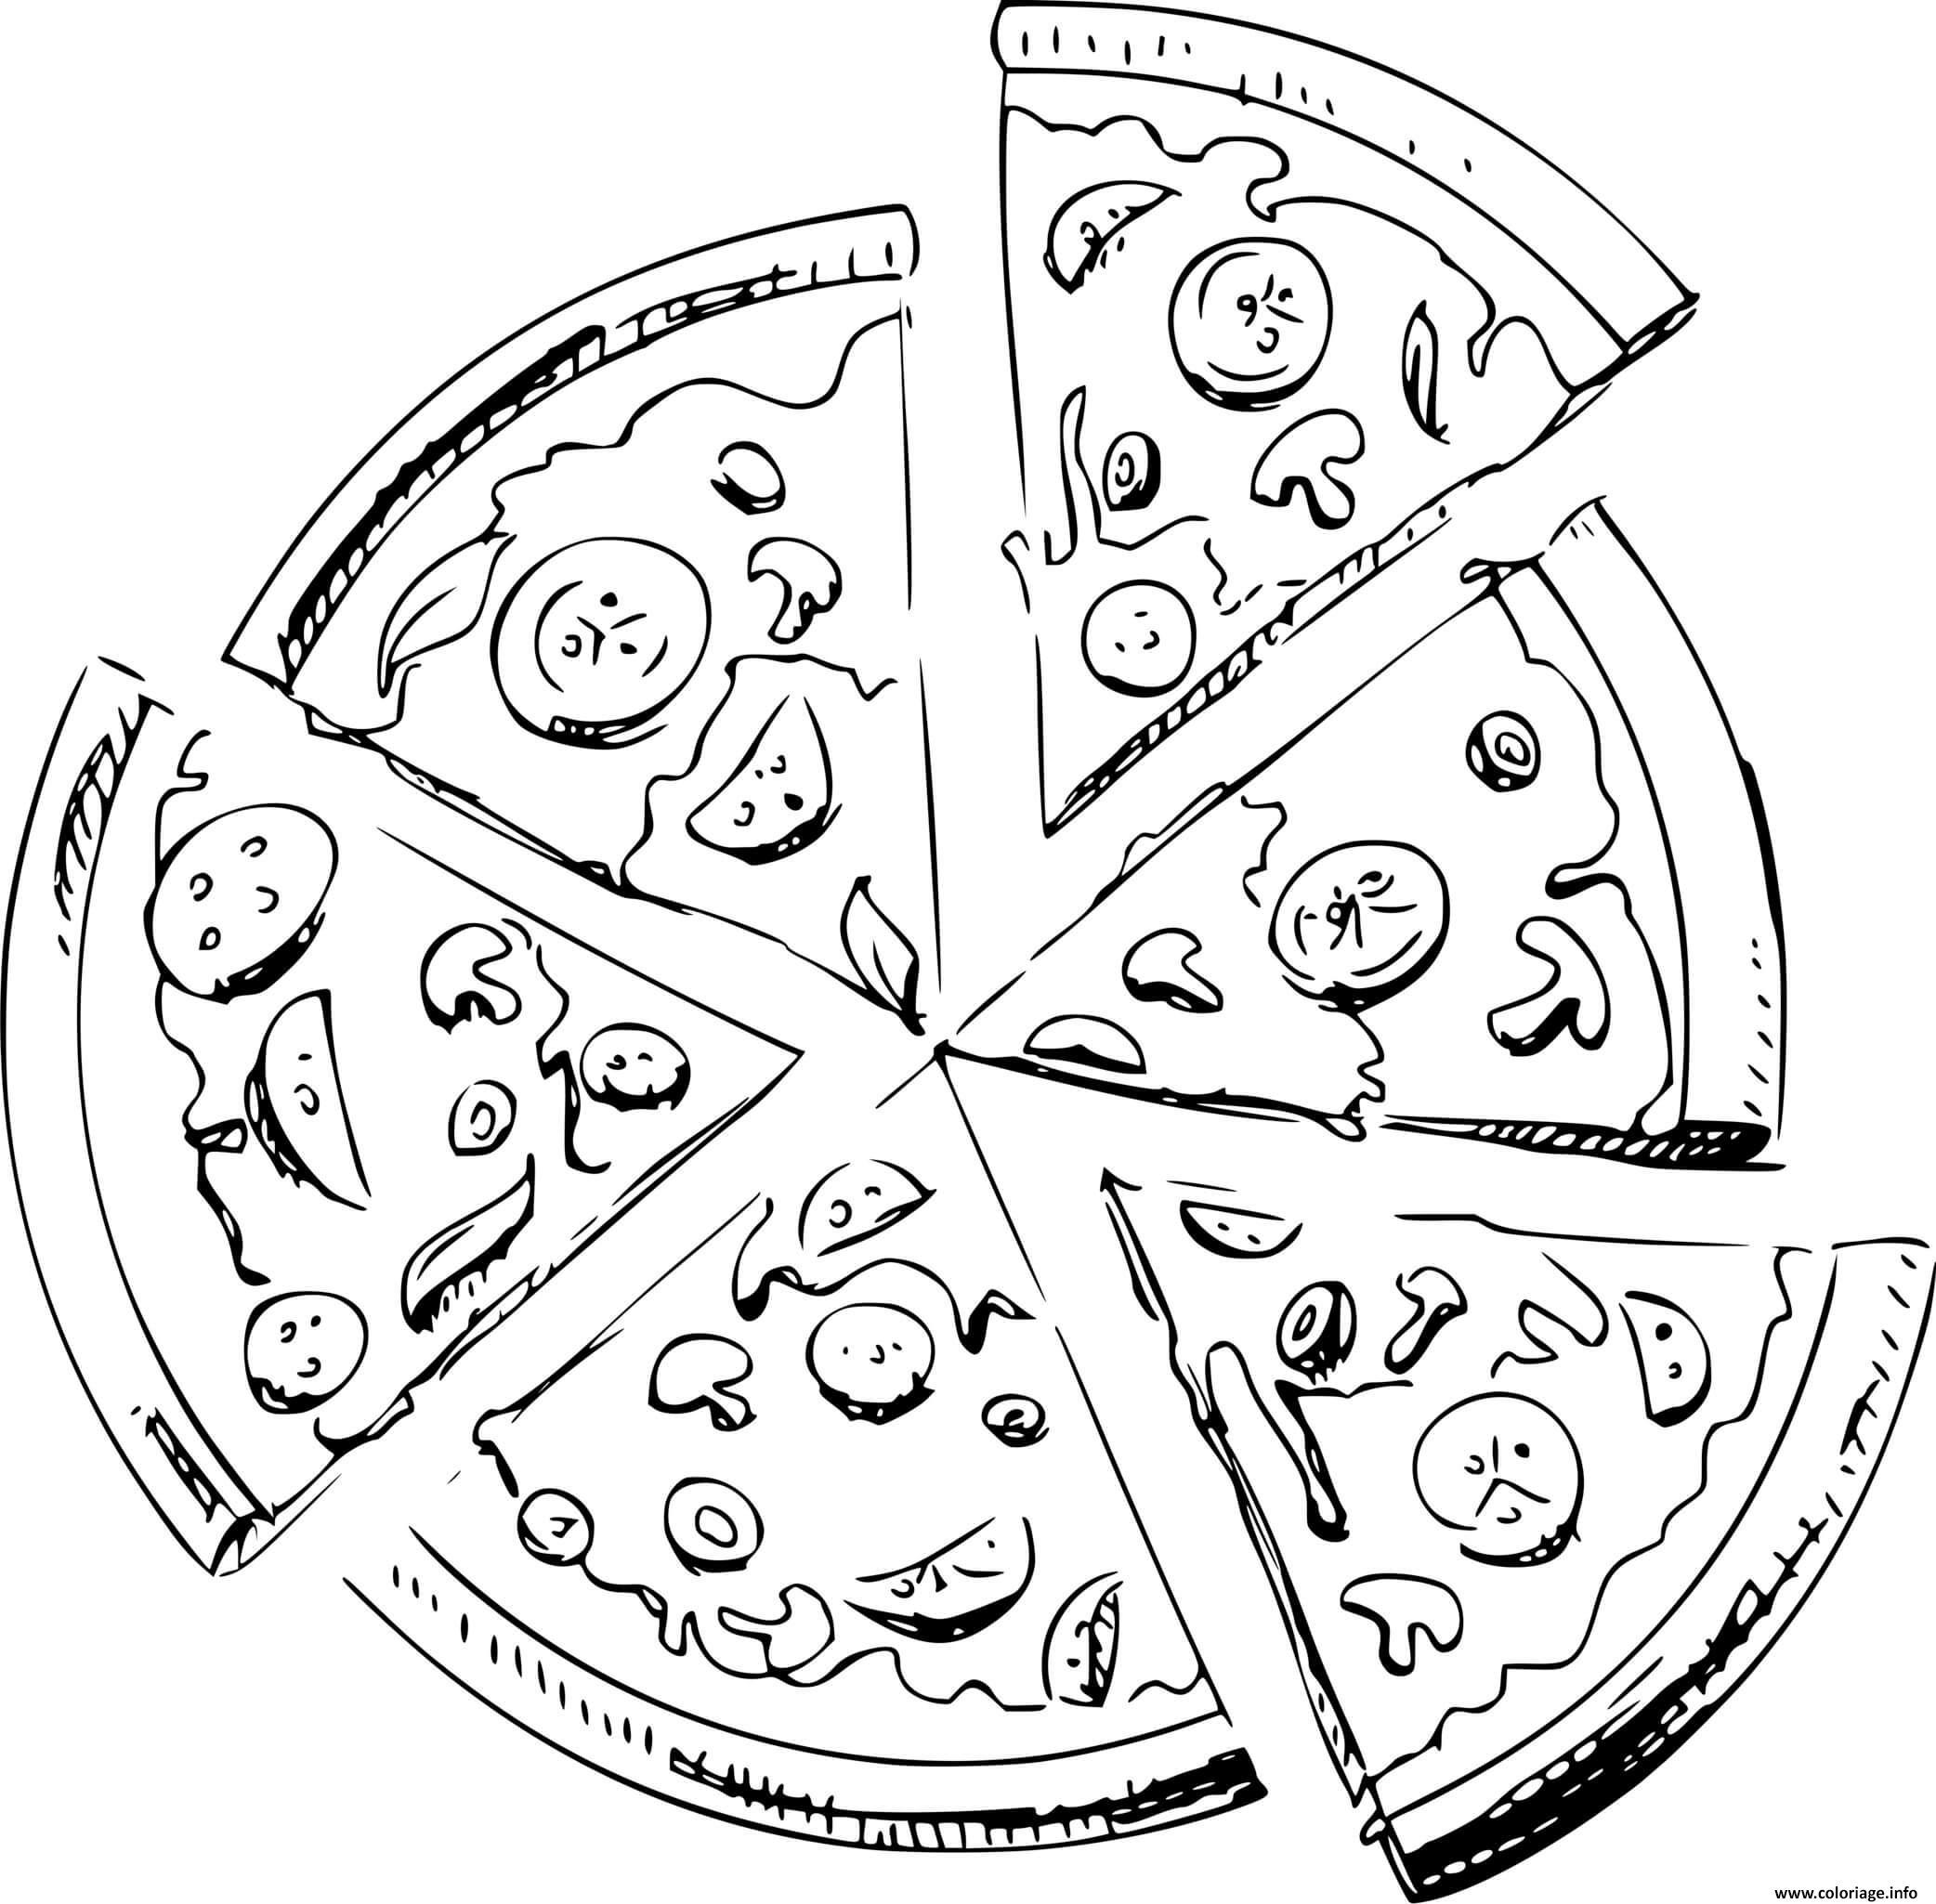 Dessin six morceaux de pizza Coloriage Gratuit à Imprimer